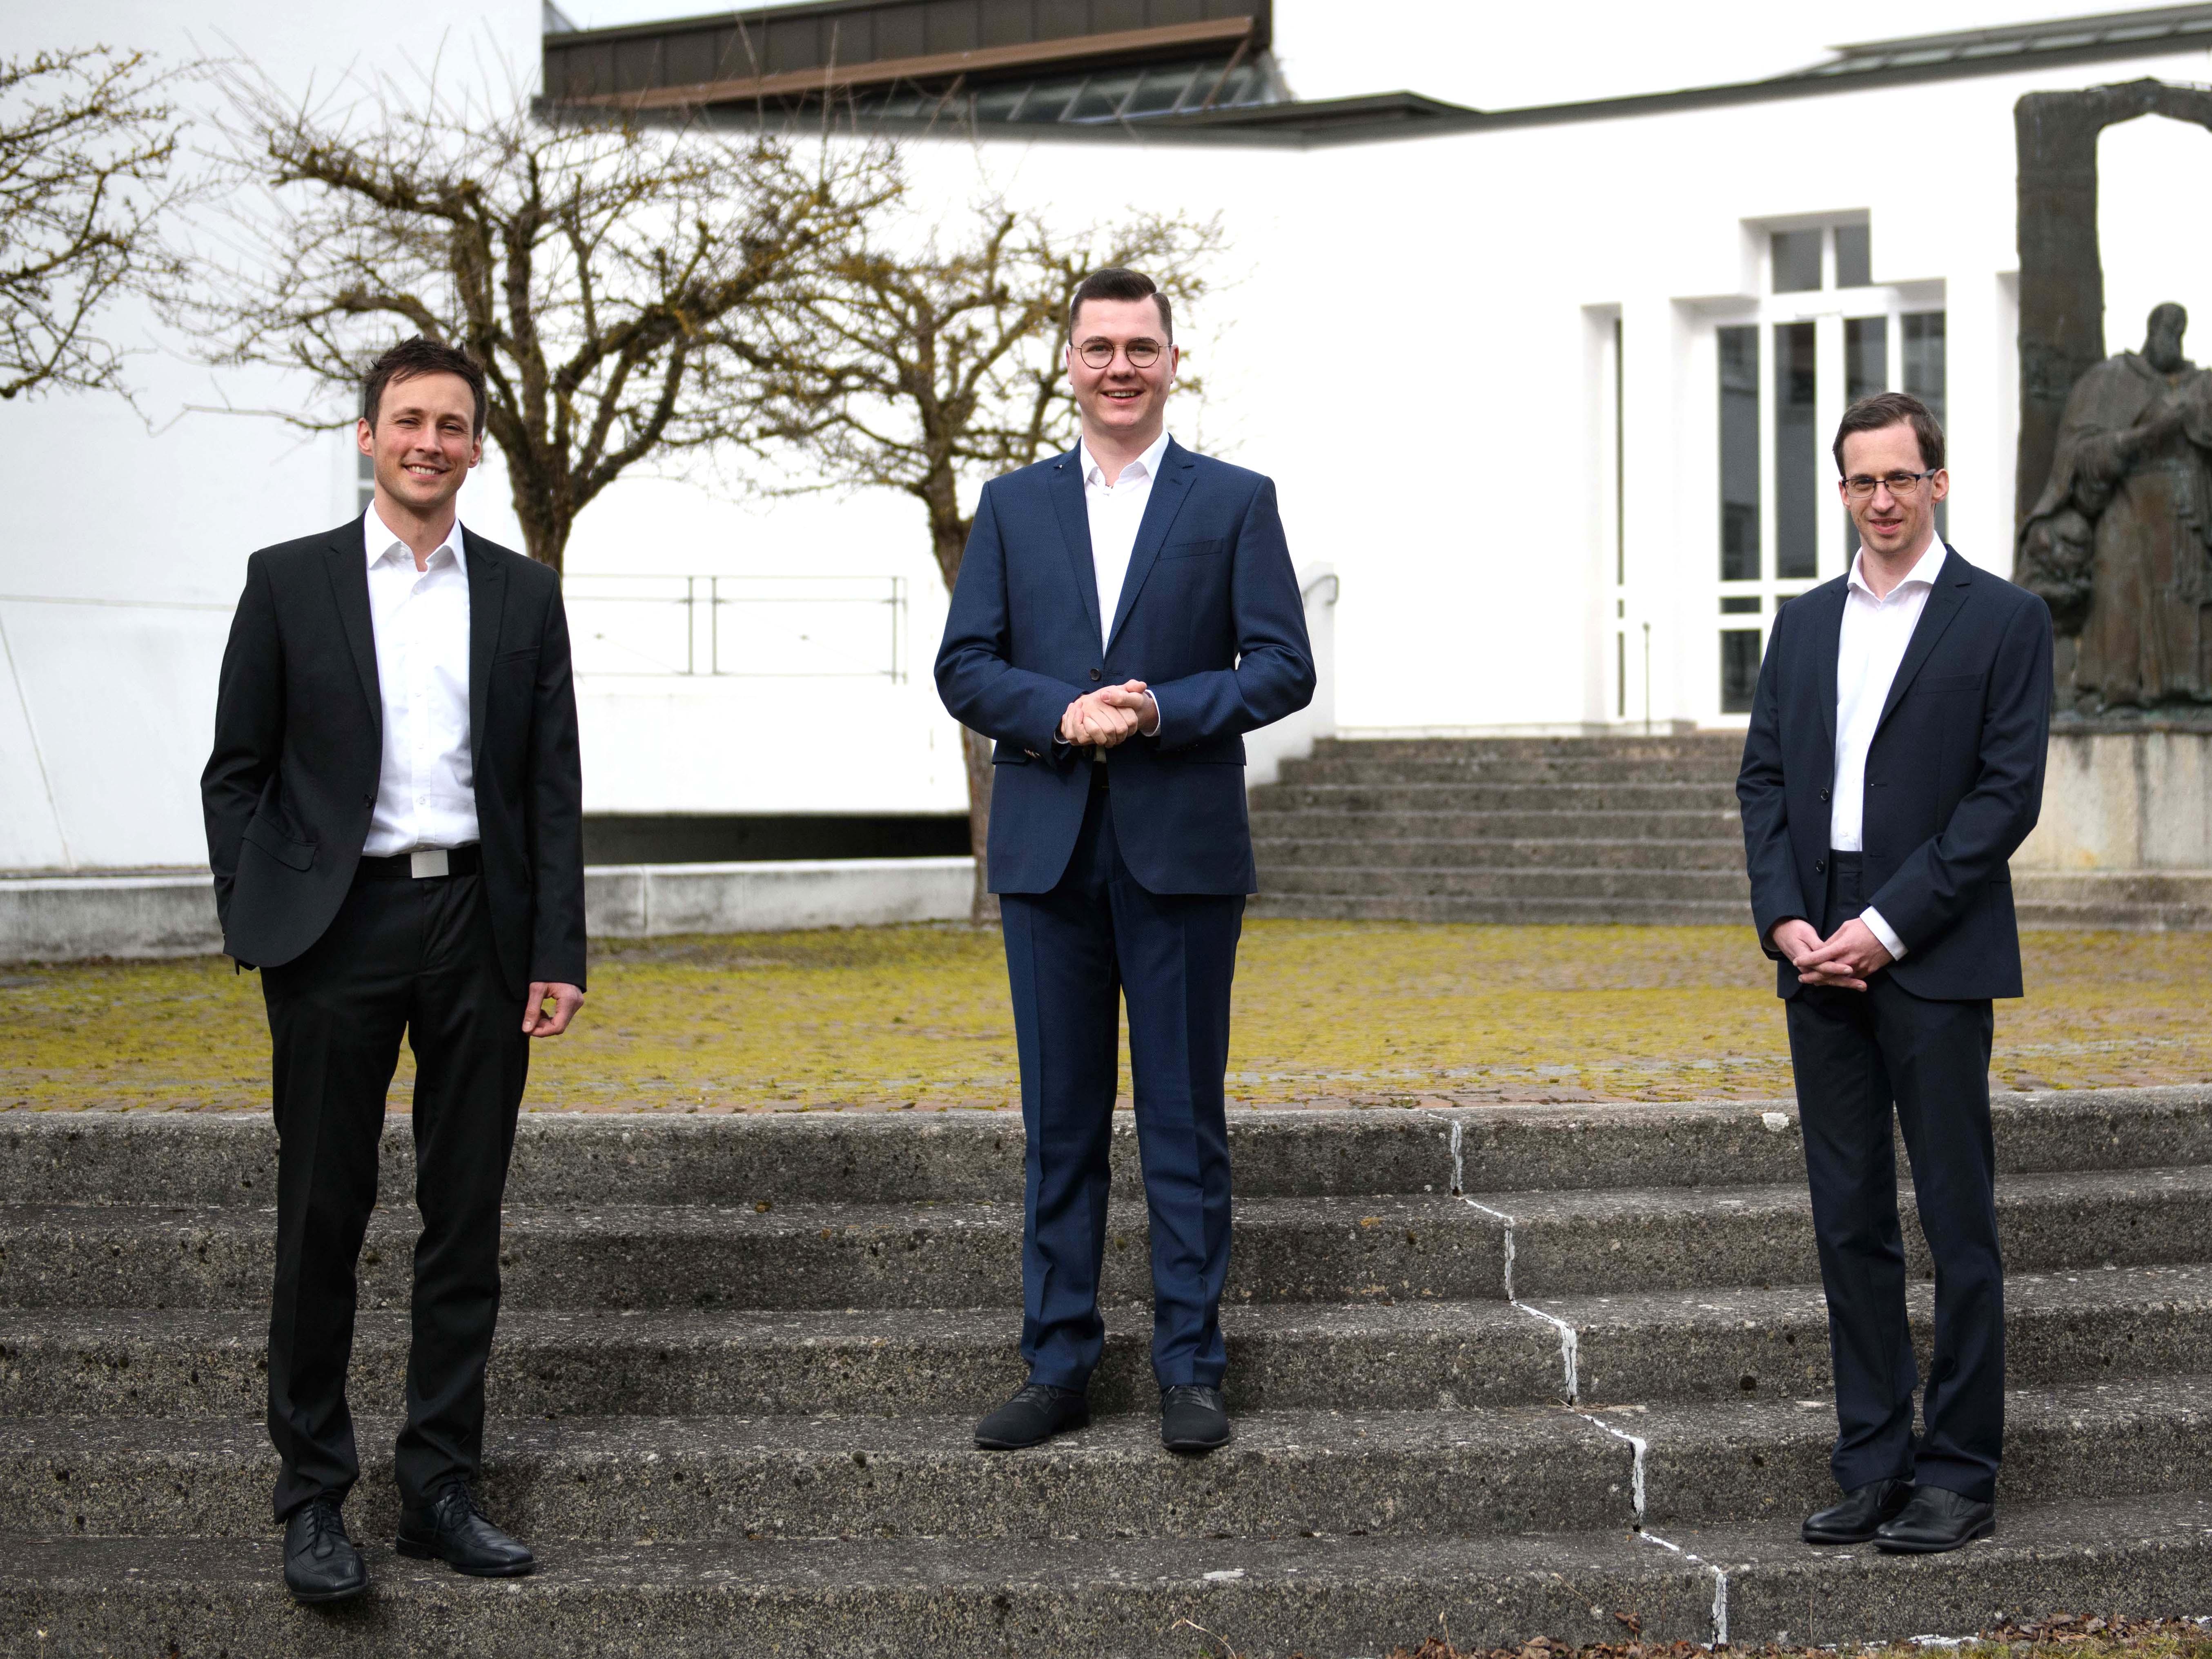 Die Kandidaten des Priesterseminars für die Diakonenweihe 2021 (v.l.): Roland Kiechle, Manuel Reichart, Markus Kraus (Foto: Daniel Jäckel / pba)